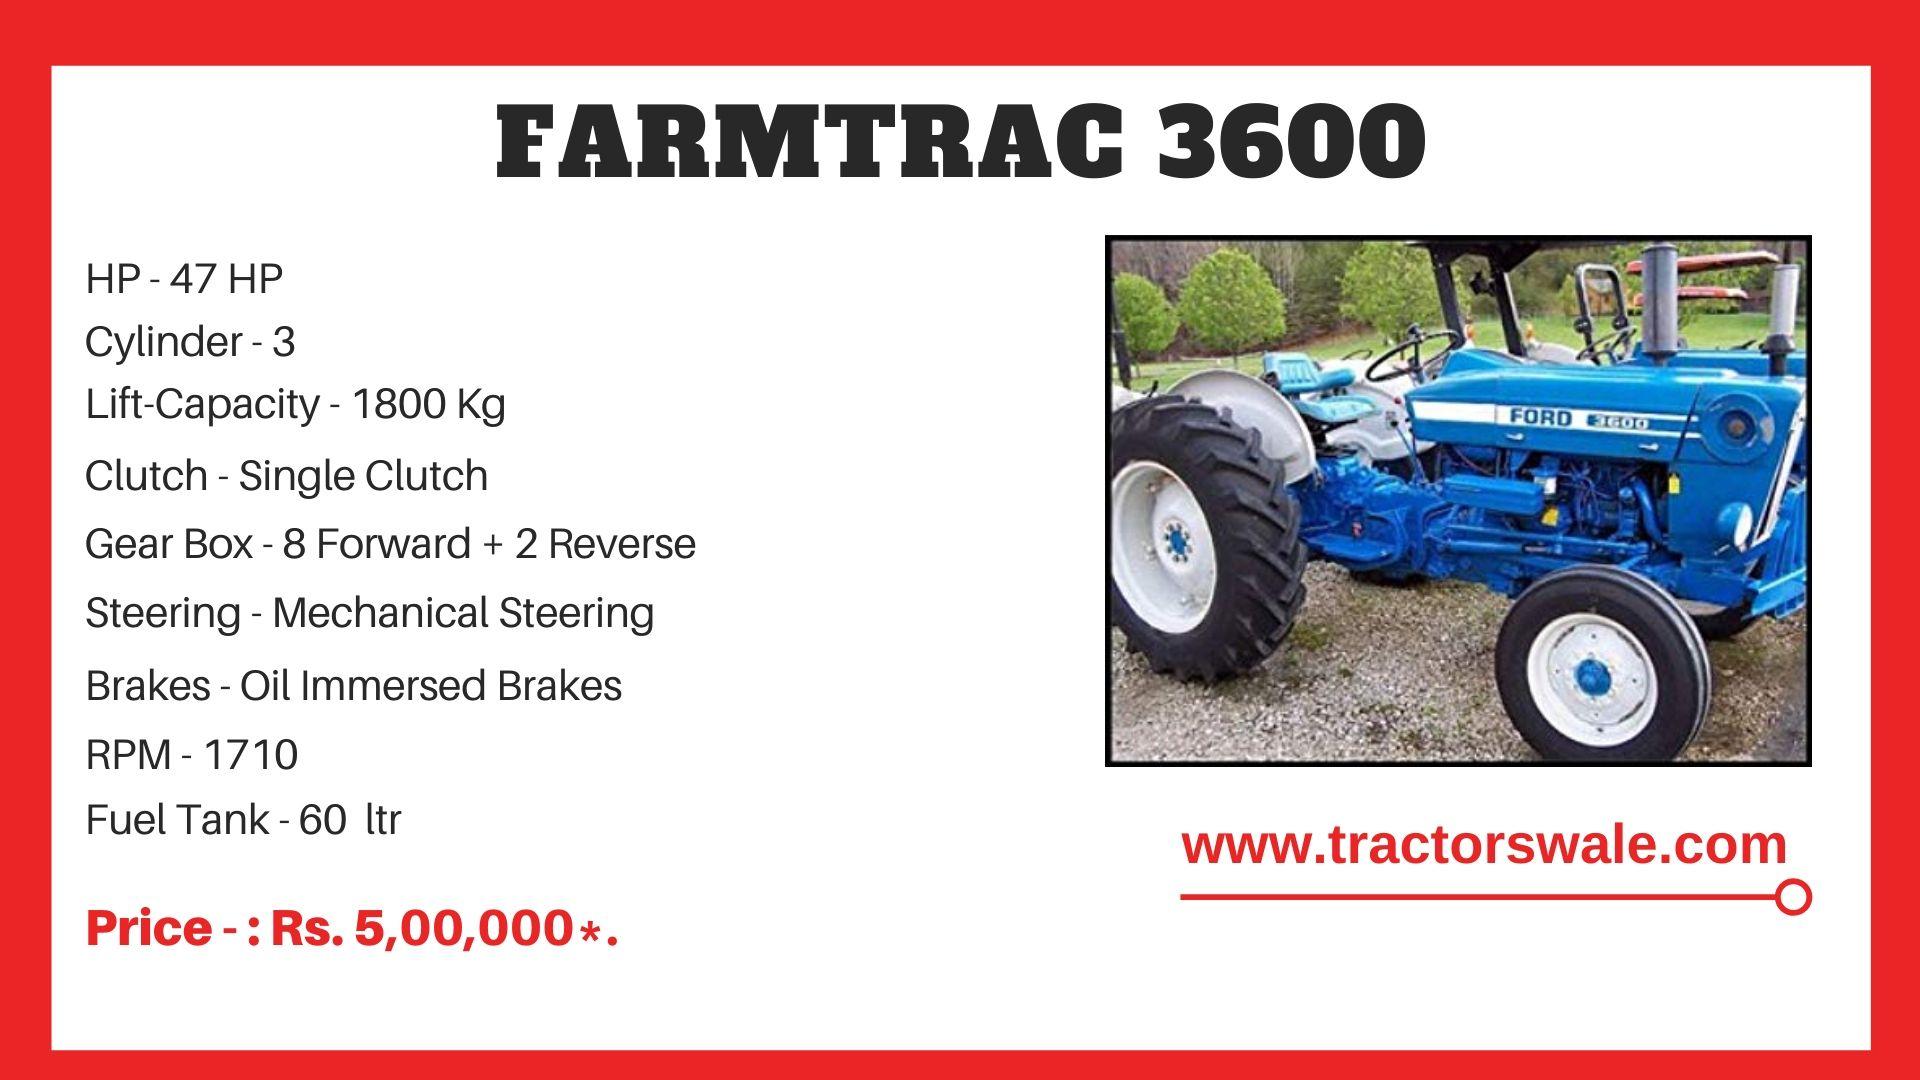 Farmtrac 3600 tractor Price